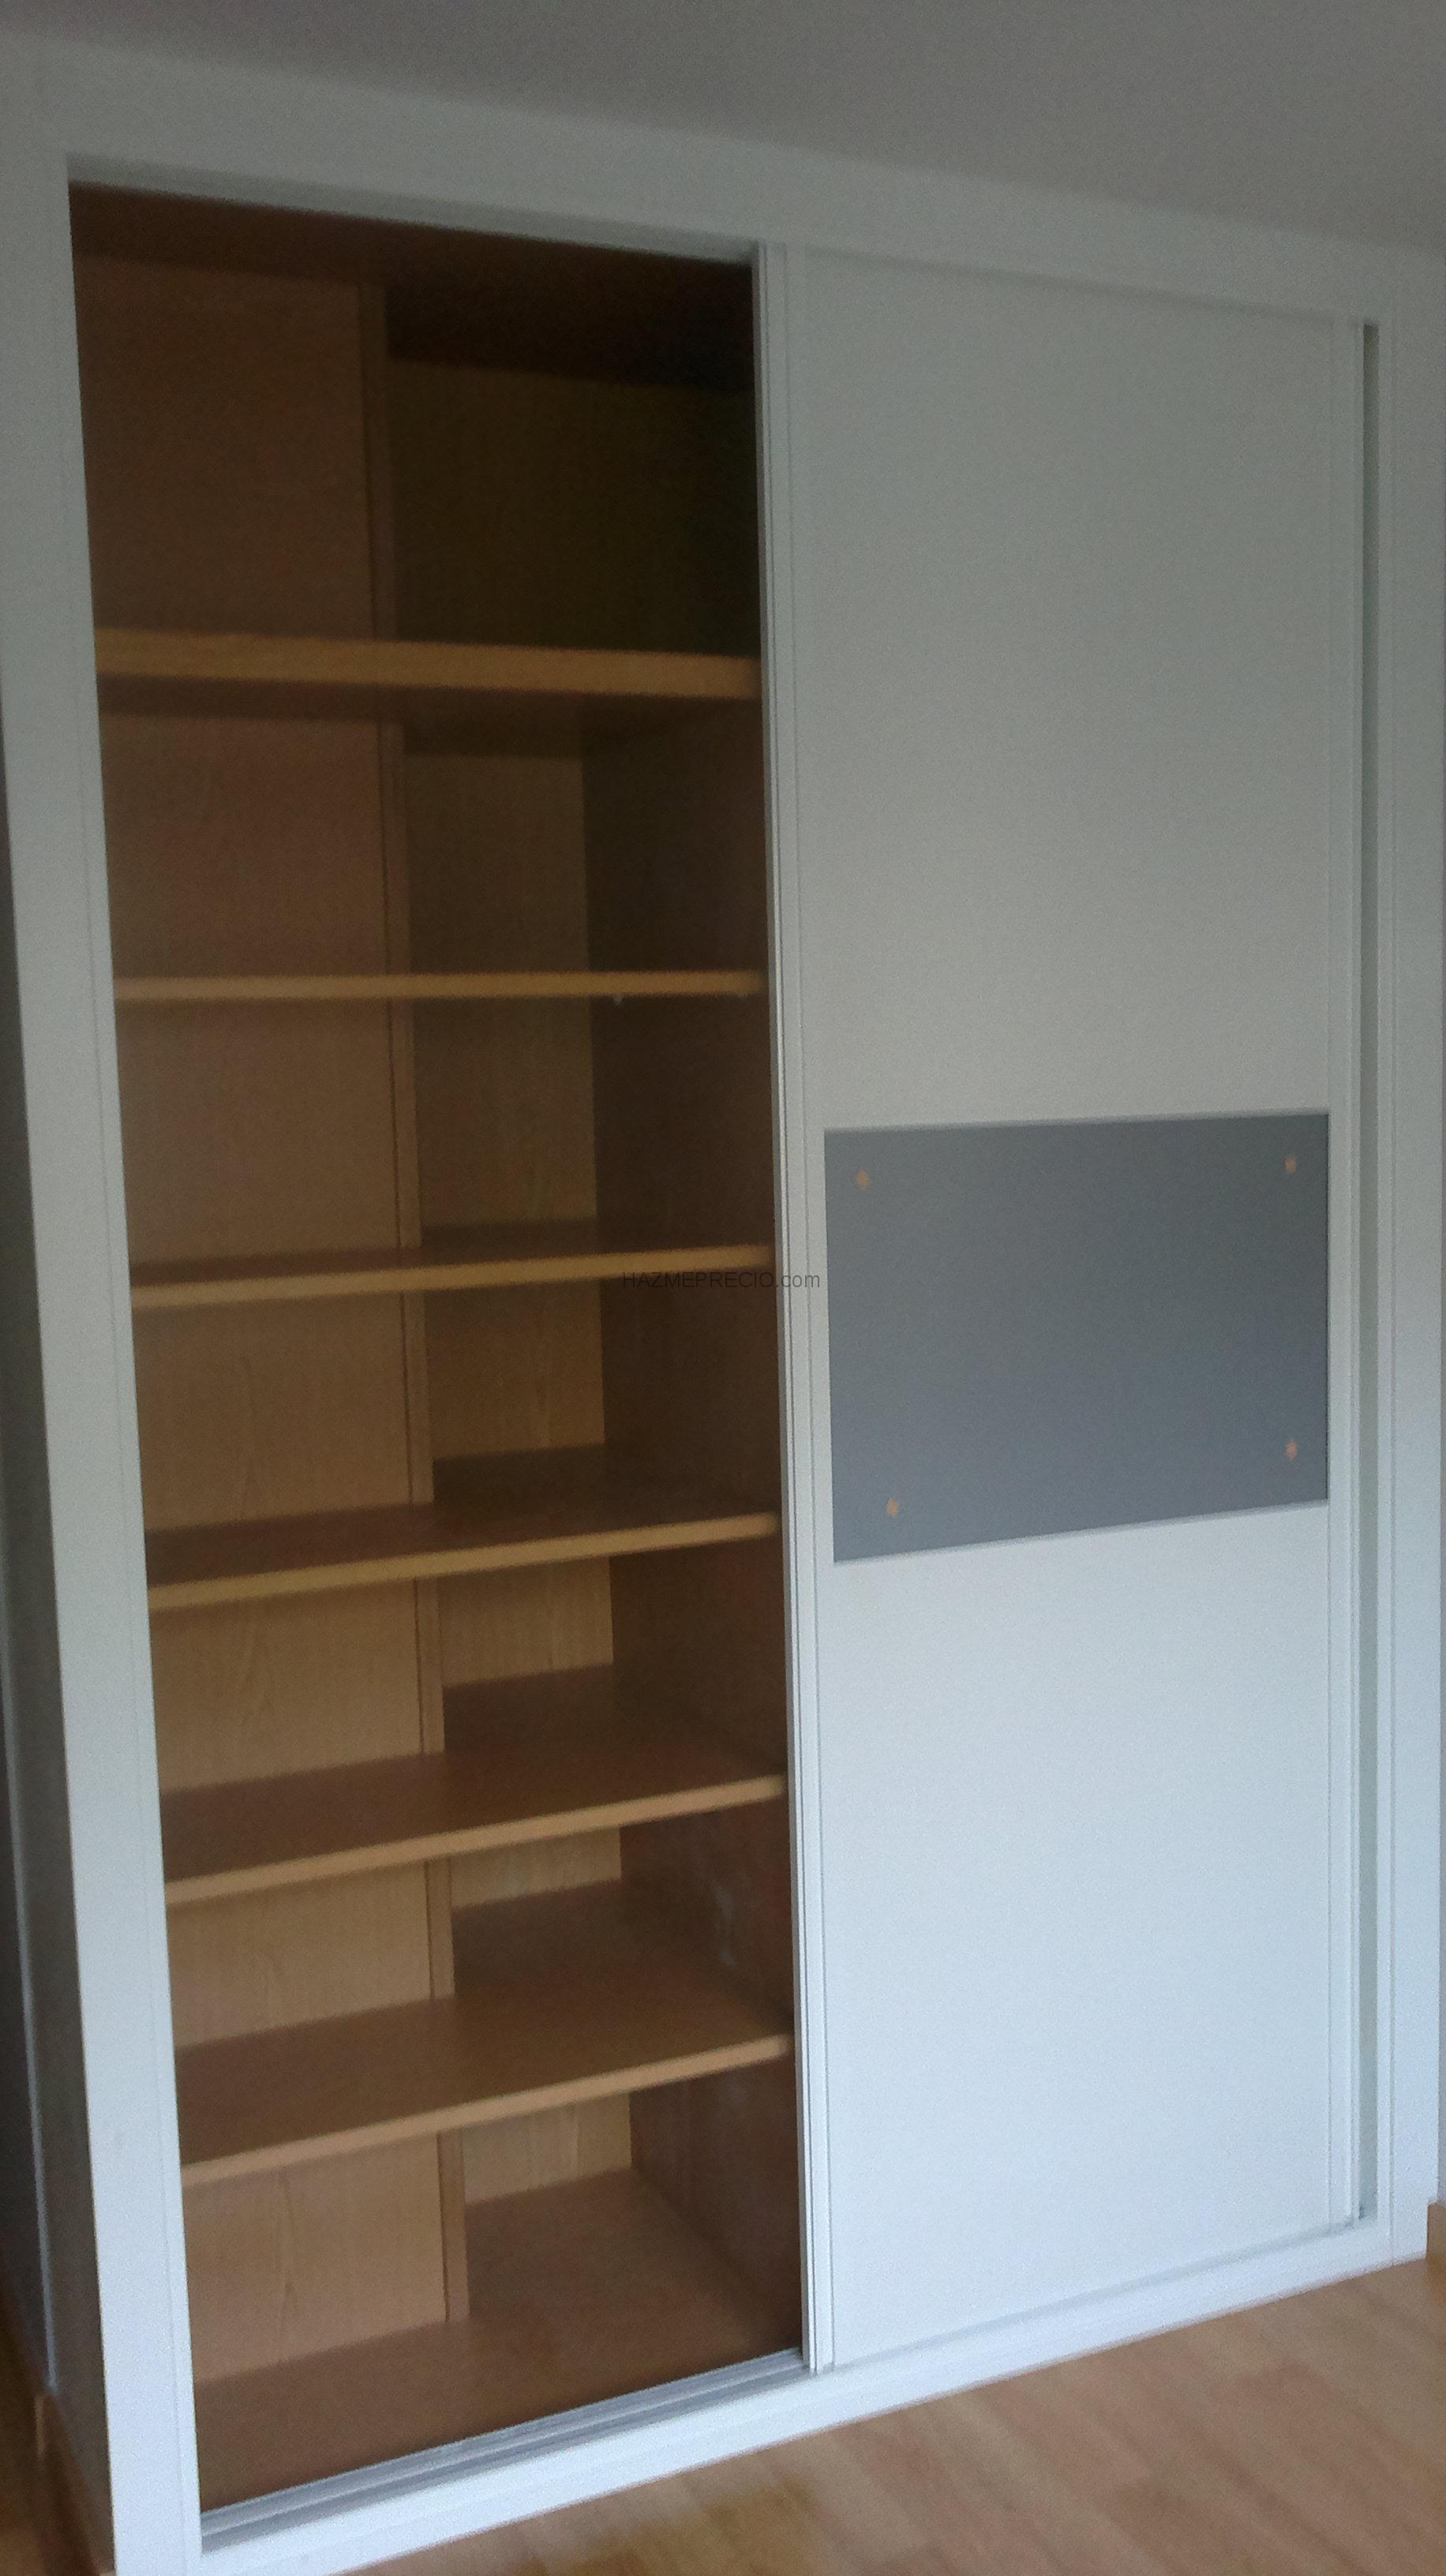 Presupuesto Armario Empotrado Madrid : Presupuesto para poner puertas correderas en armarios